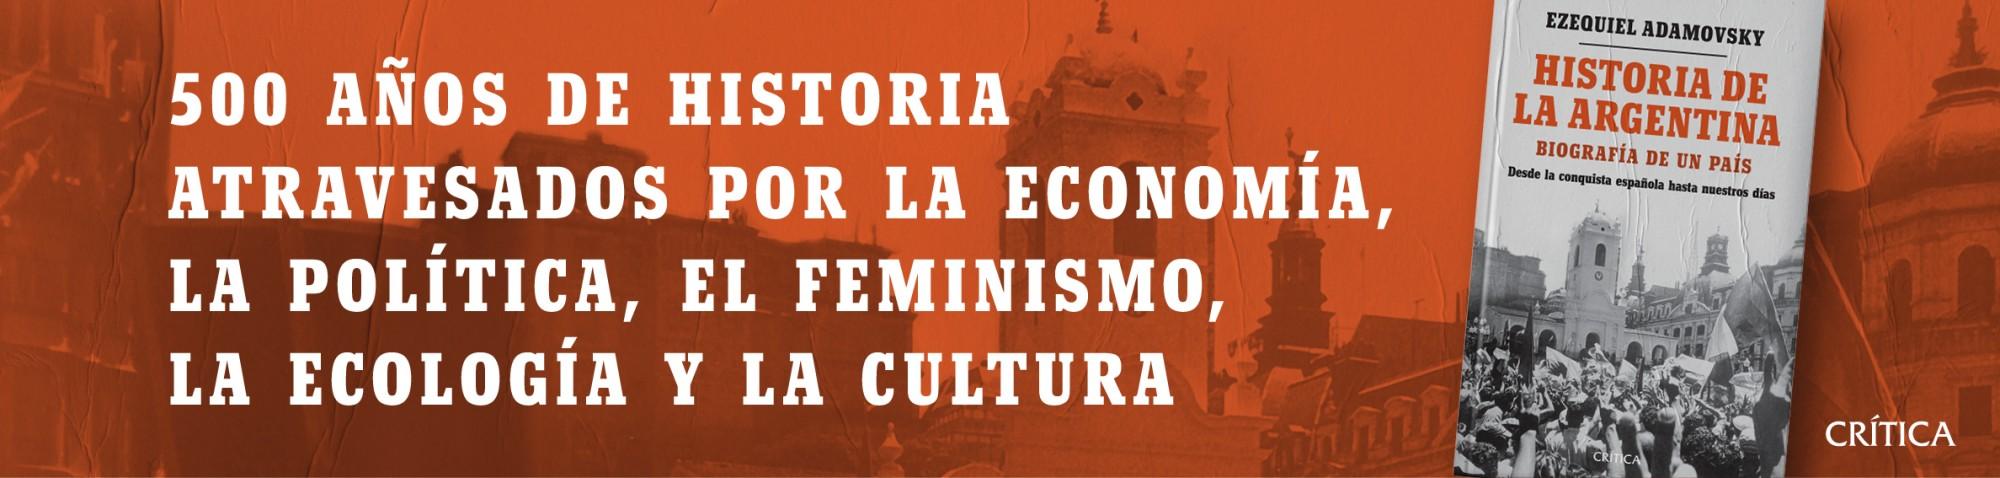 1600_1_Banner_PDL_HISTORIA_de_la_ARGENTINA_1140x272.jpg